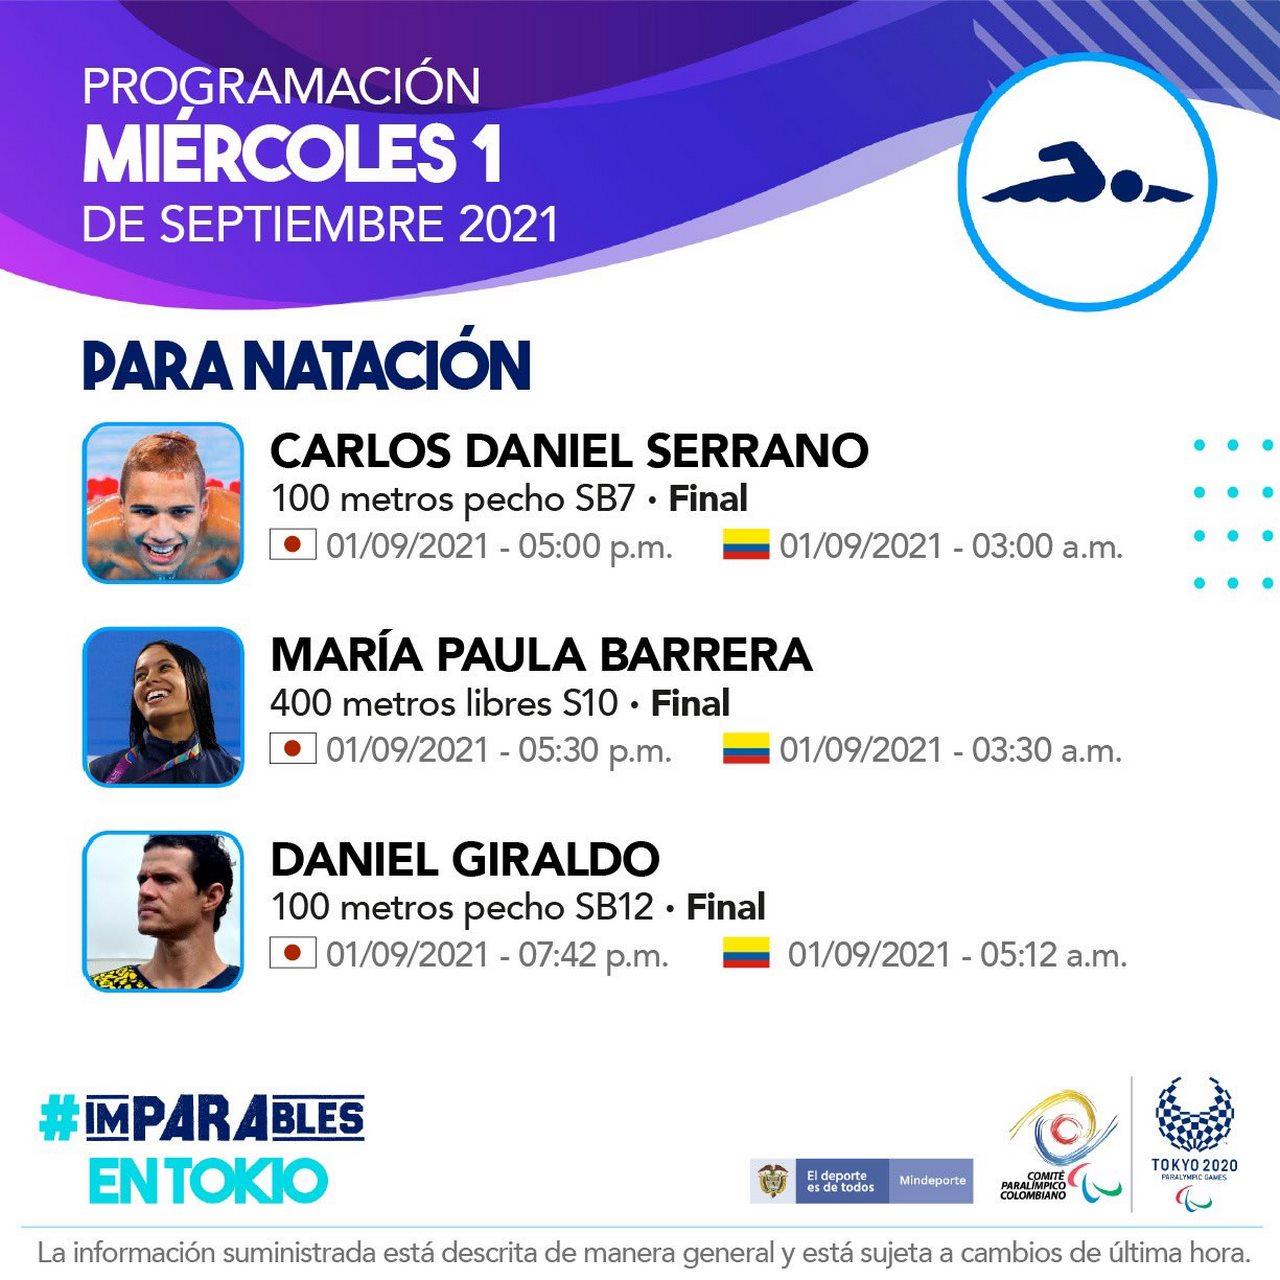 Programacion deportistas colombianos en la octava jornada de los Juegos Paralimpicos 4